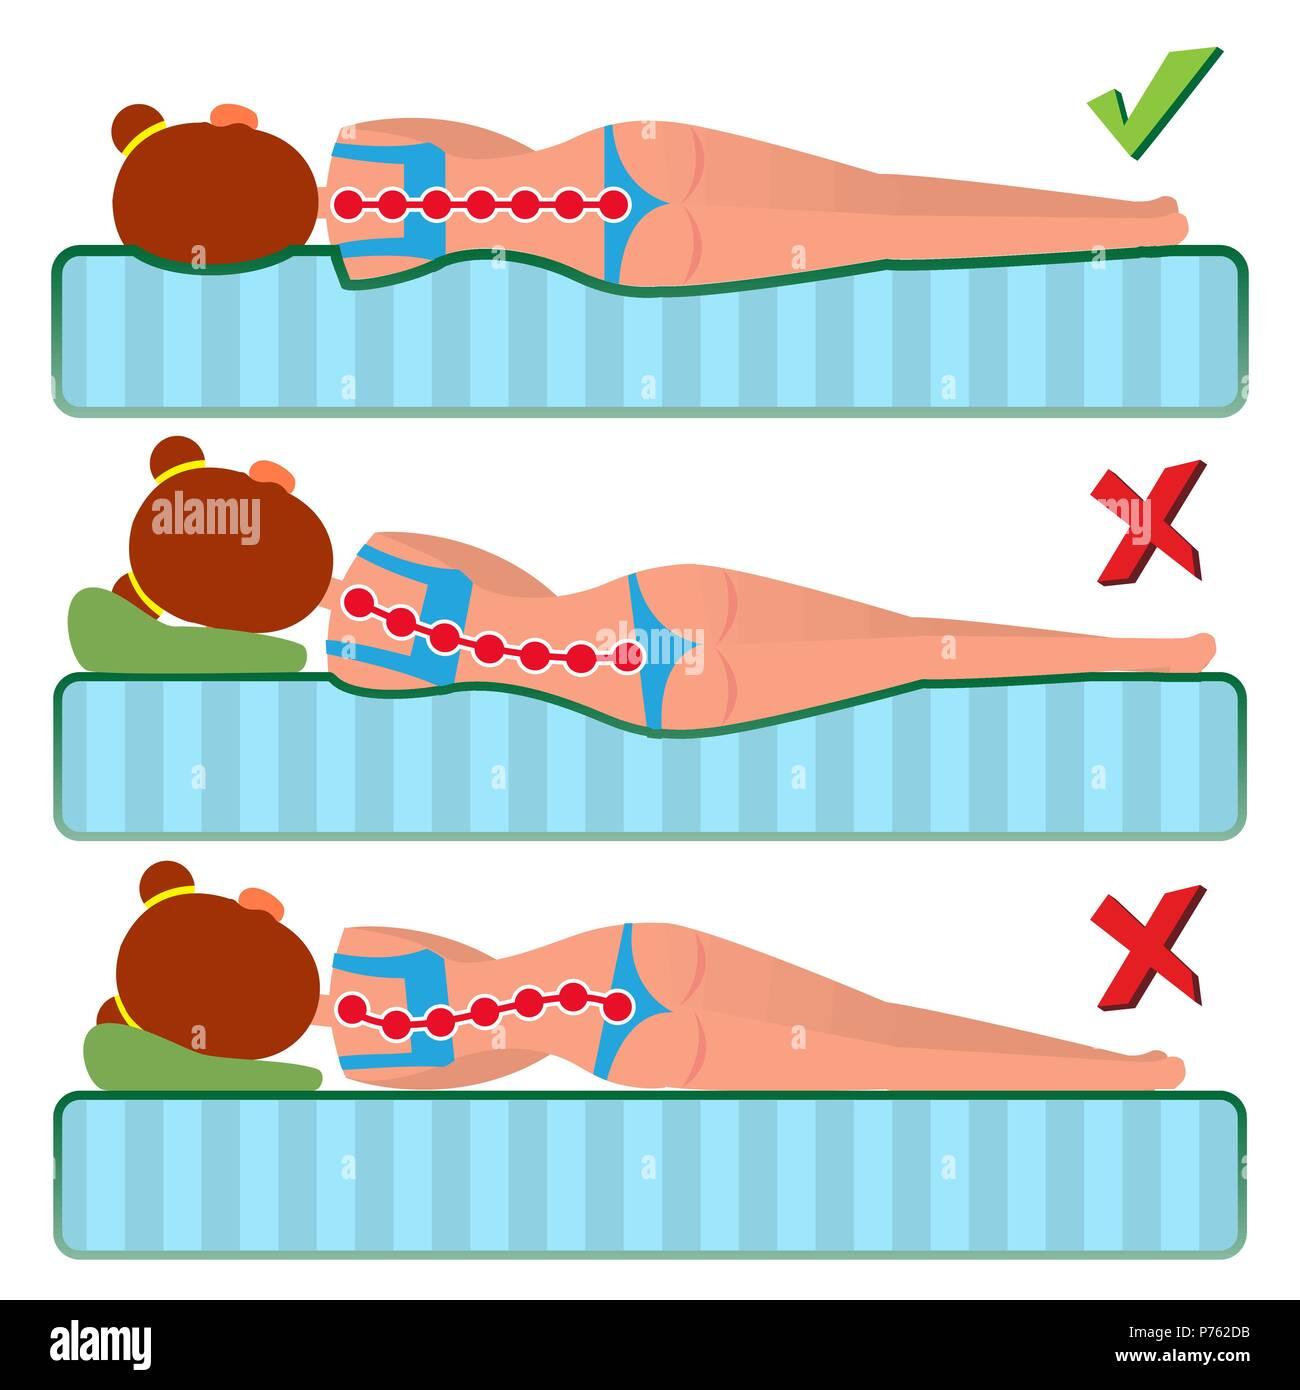 Posizione Corretta Cuscino.Materasso Ortopedico Vettore Posizione Per Dormire Il Bene